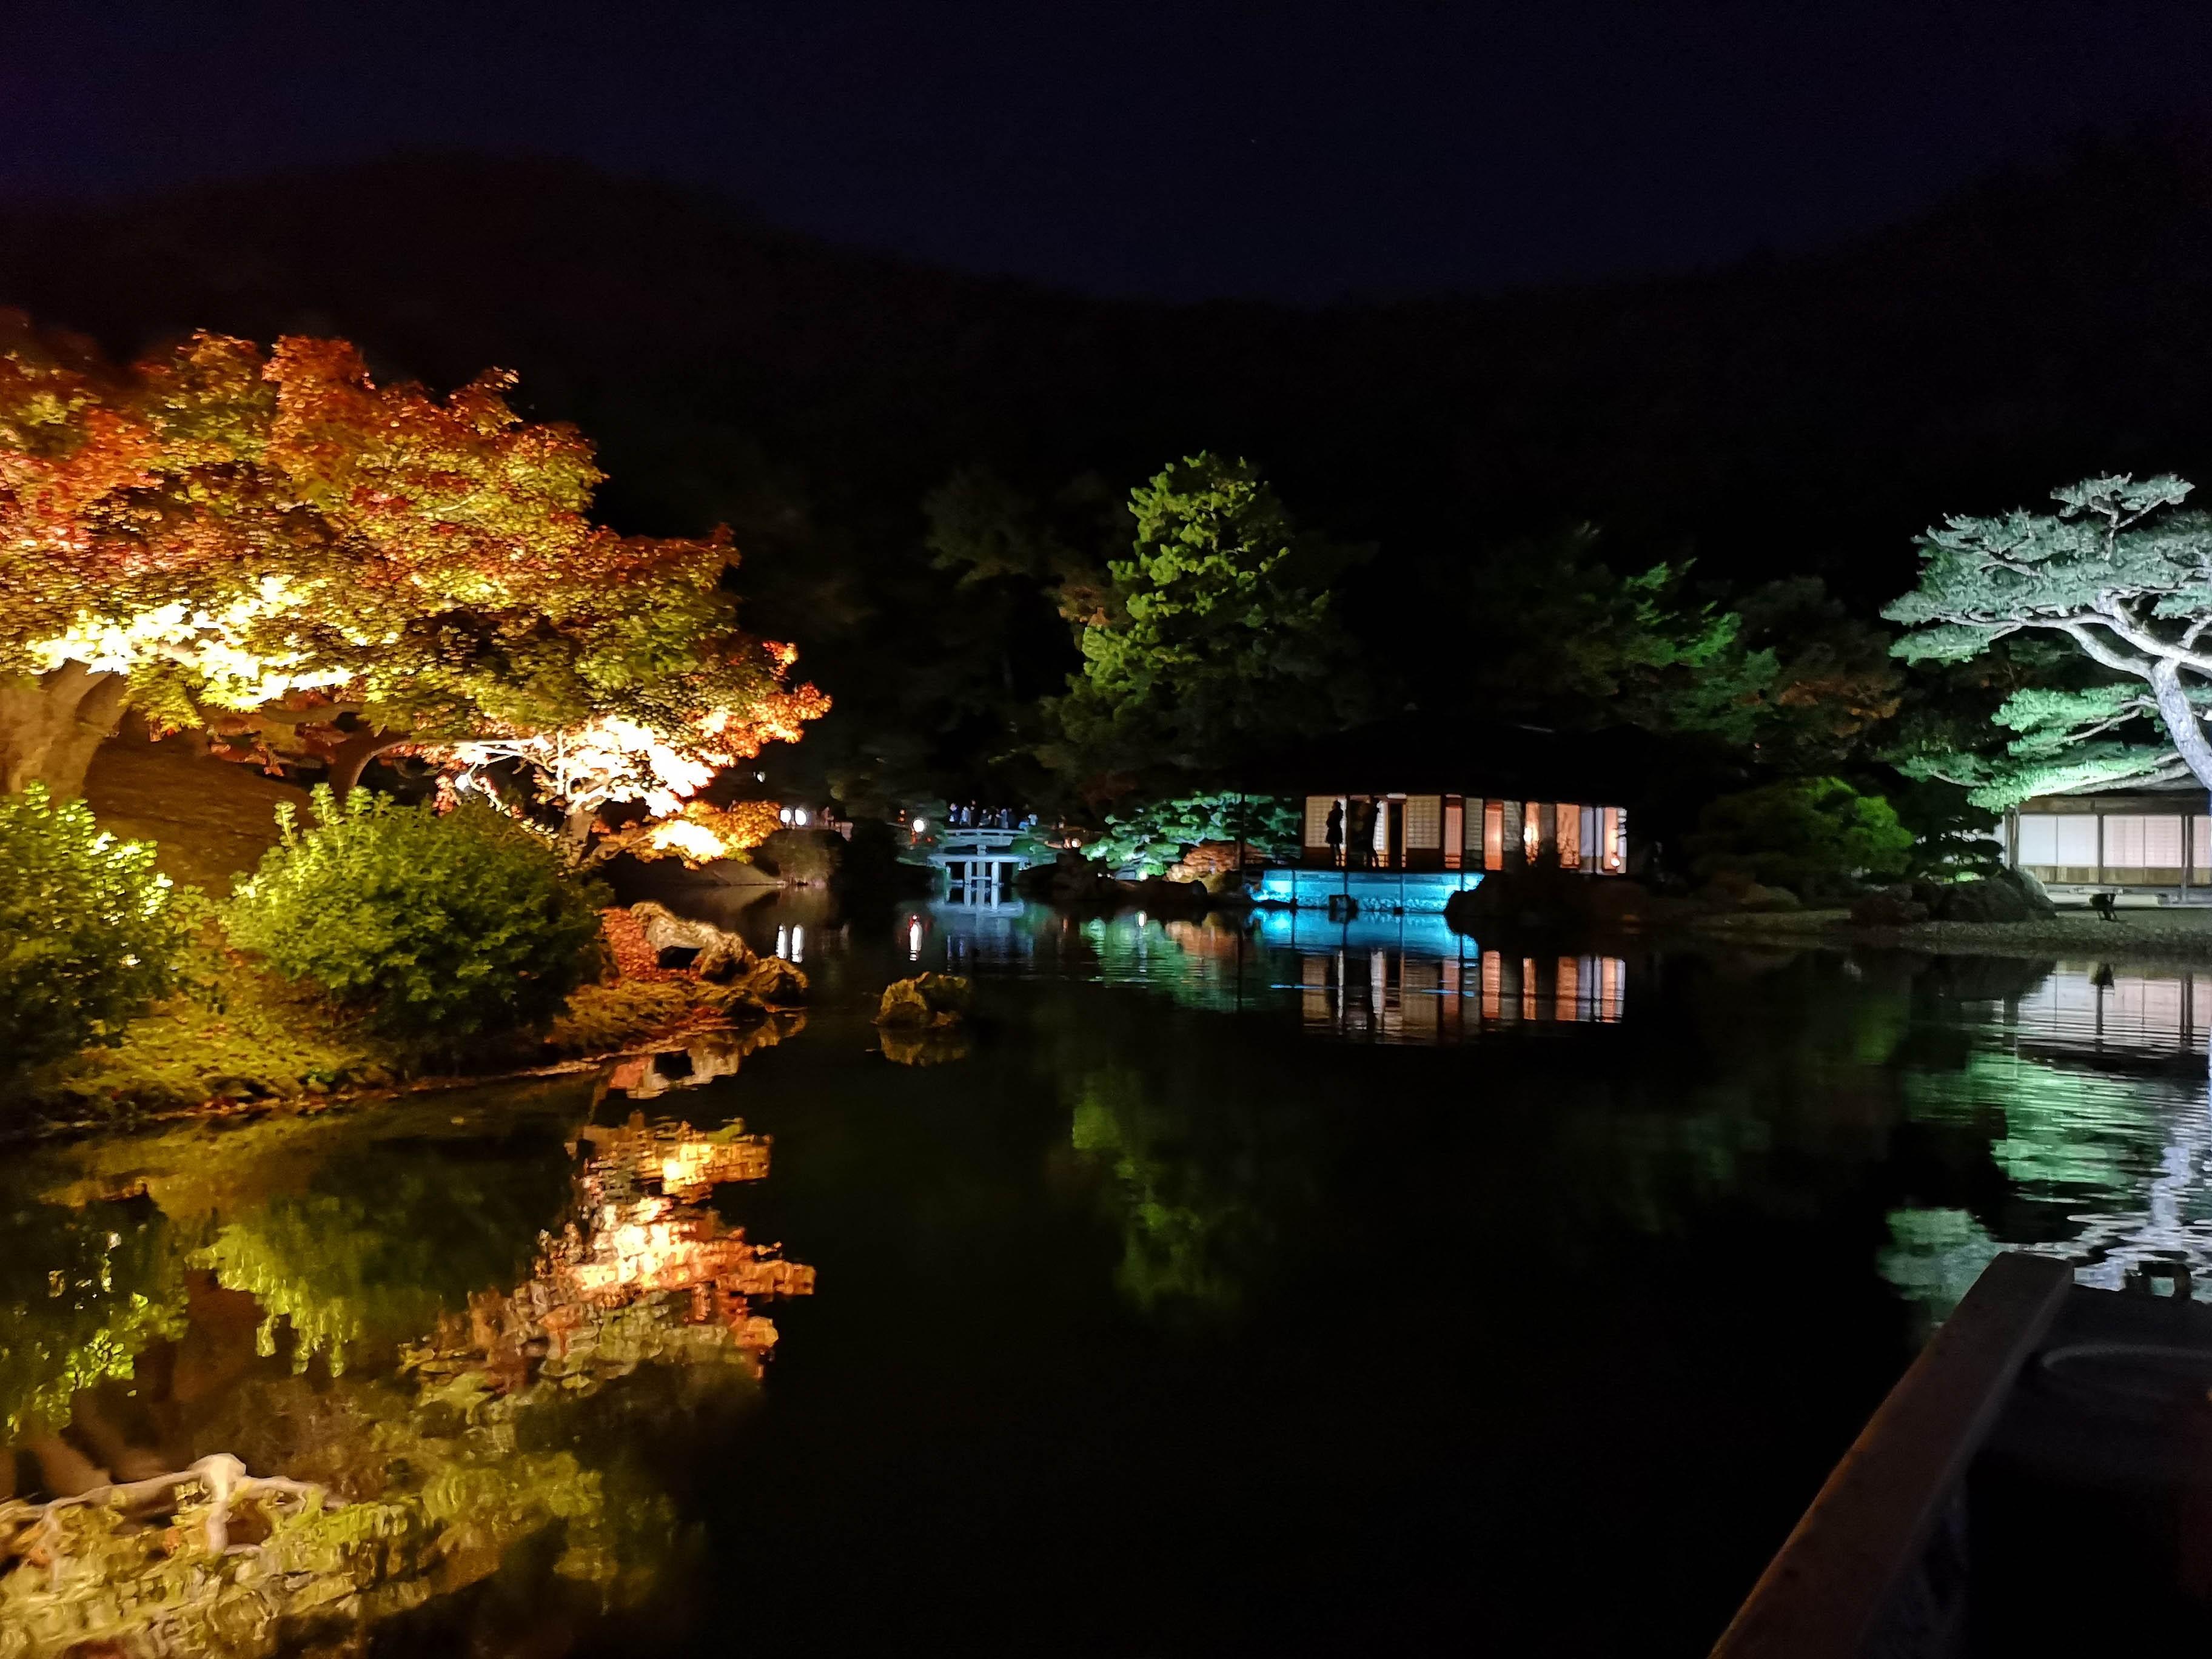 栗林公園秋のライトアップ夜の和船